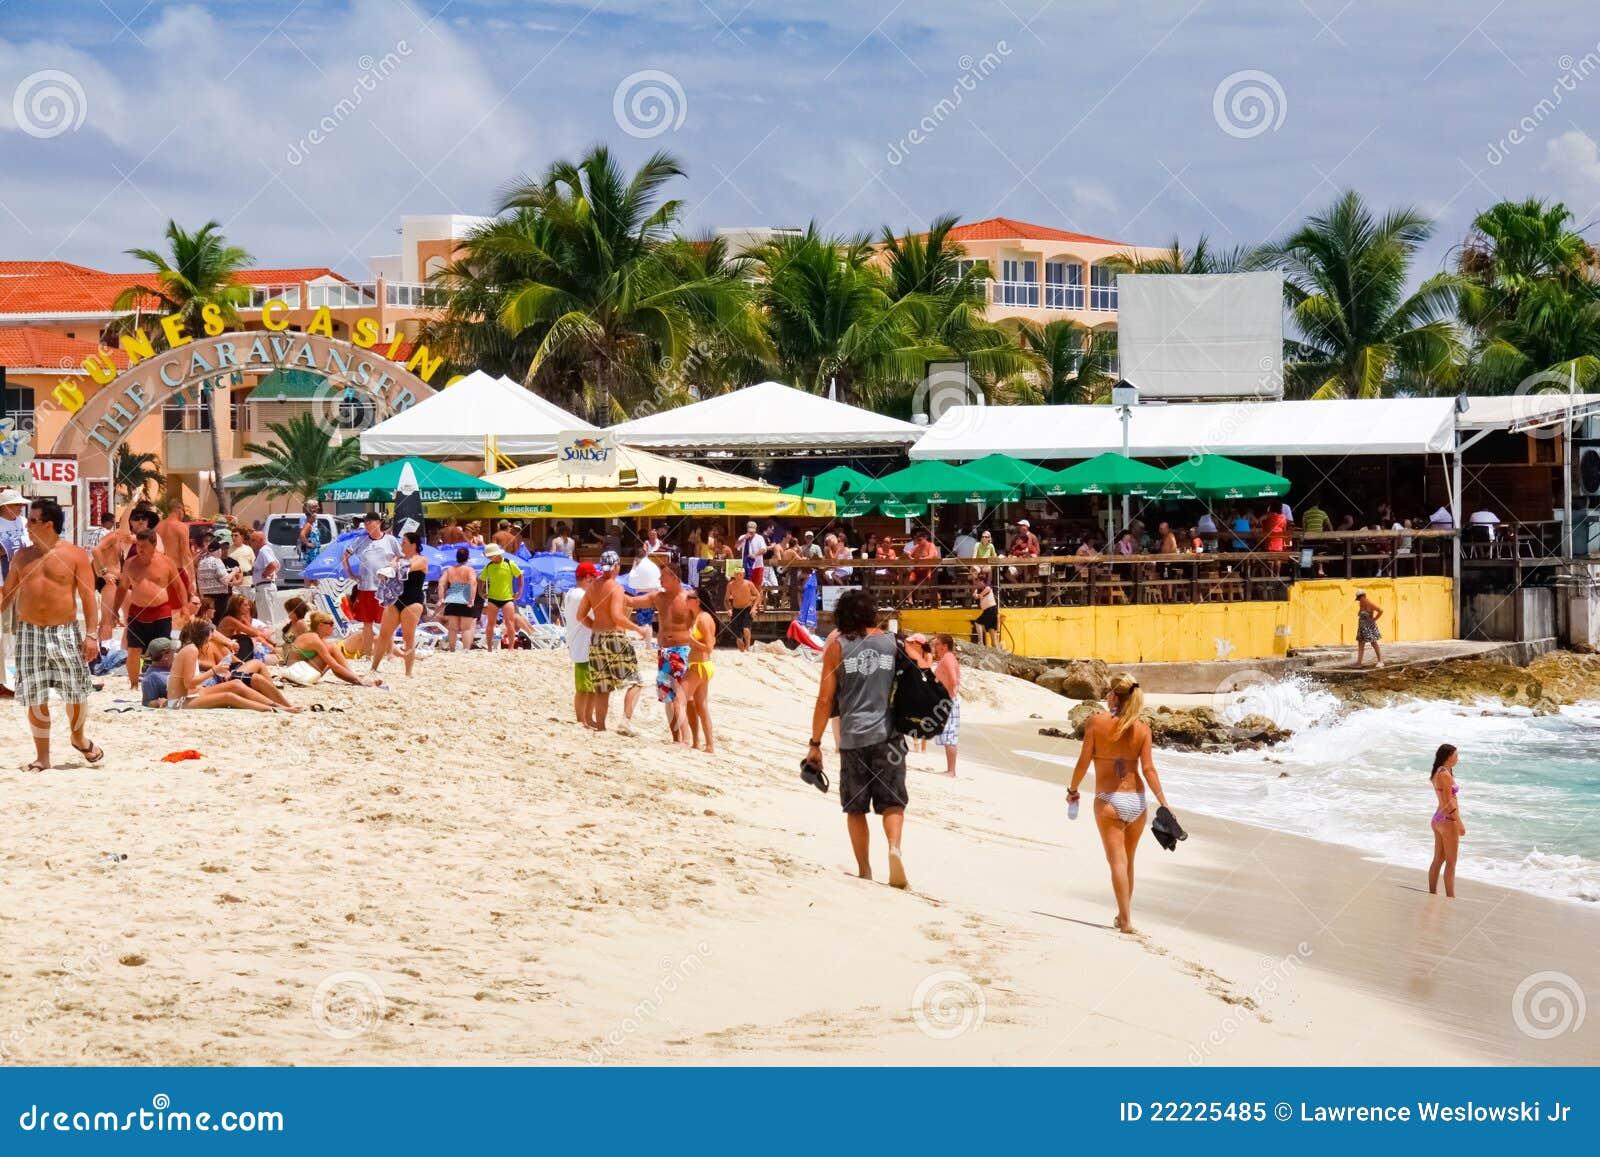 Sunset Beach Cafe St Maarten